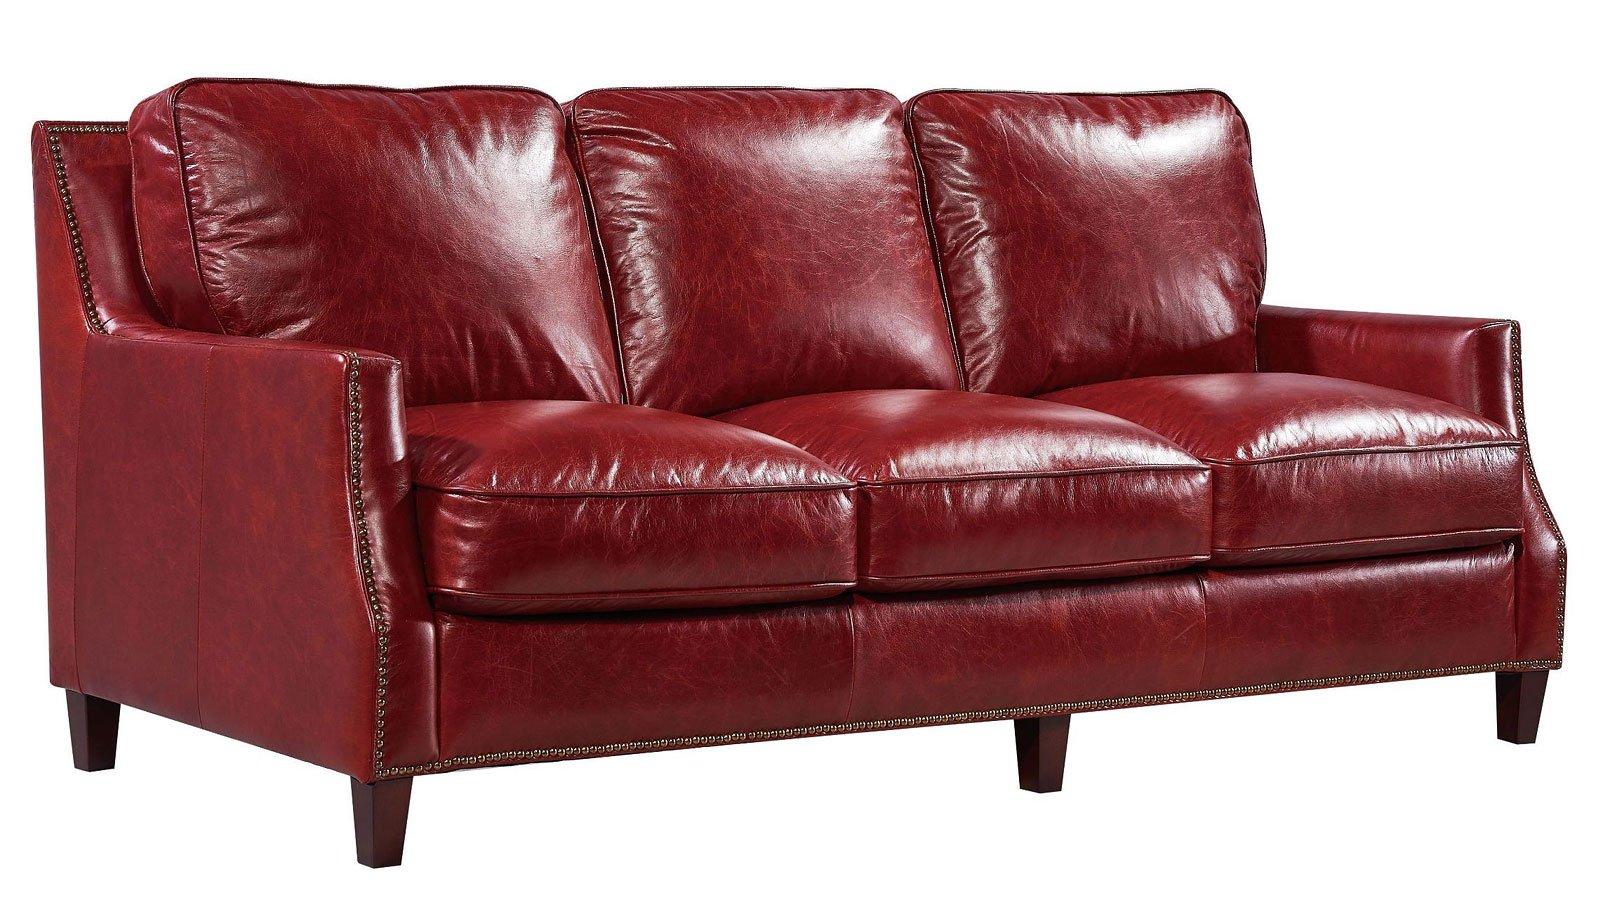 leather italia sofa furniture ikea hovas slipcover oakridge red cart